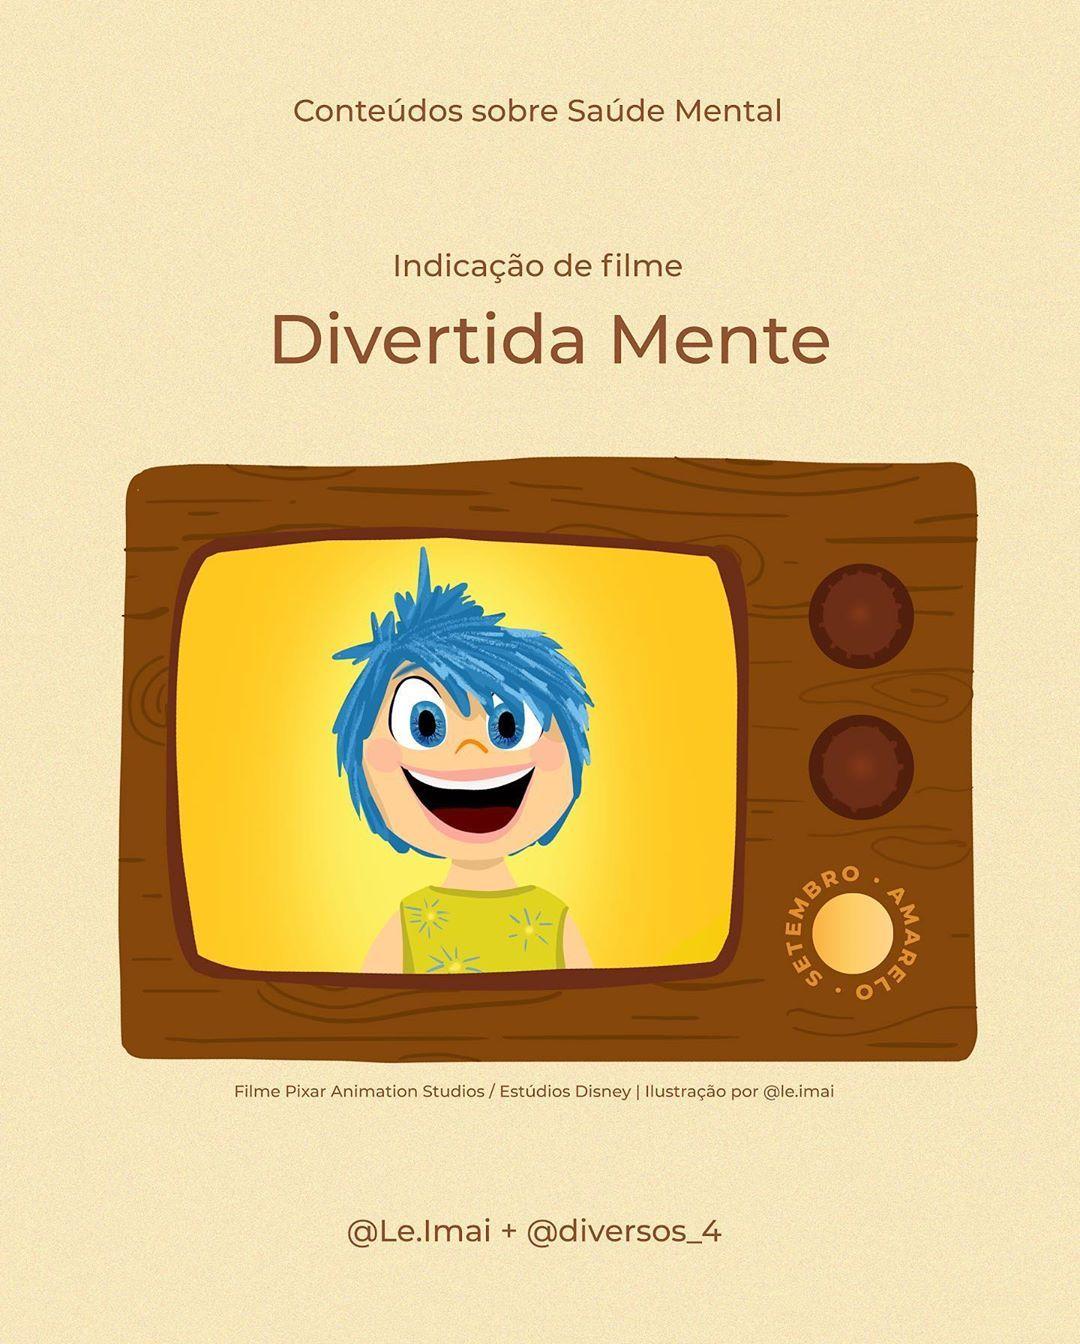 965 Curtidas 52 Comentarios Leticia Imai Art Le Imai No Instagram Indicacao De Filme Filmes Infantis Filme Divertidamente Filme Divertida Mente